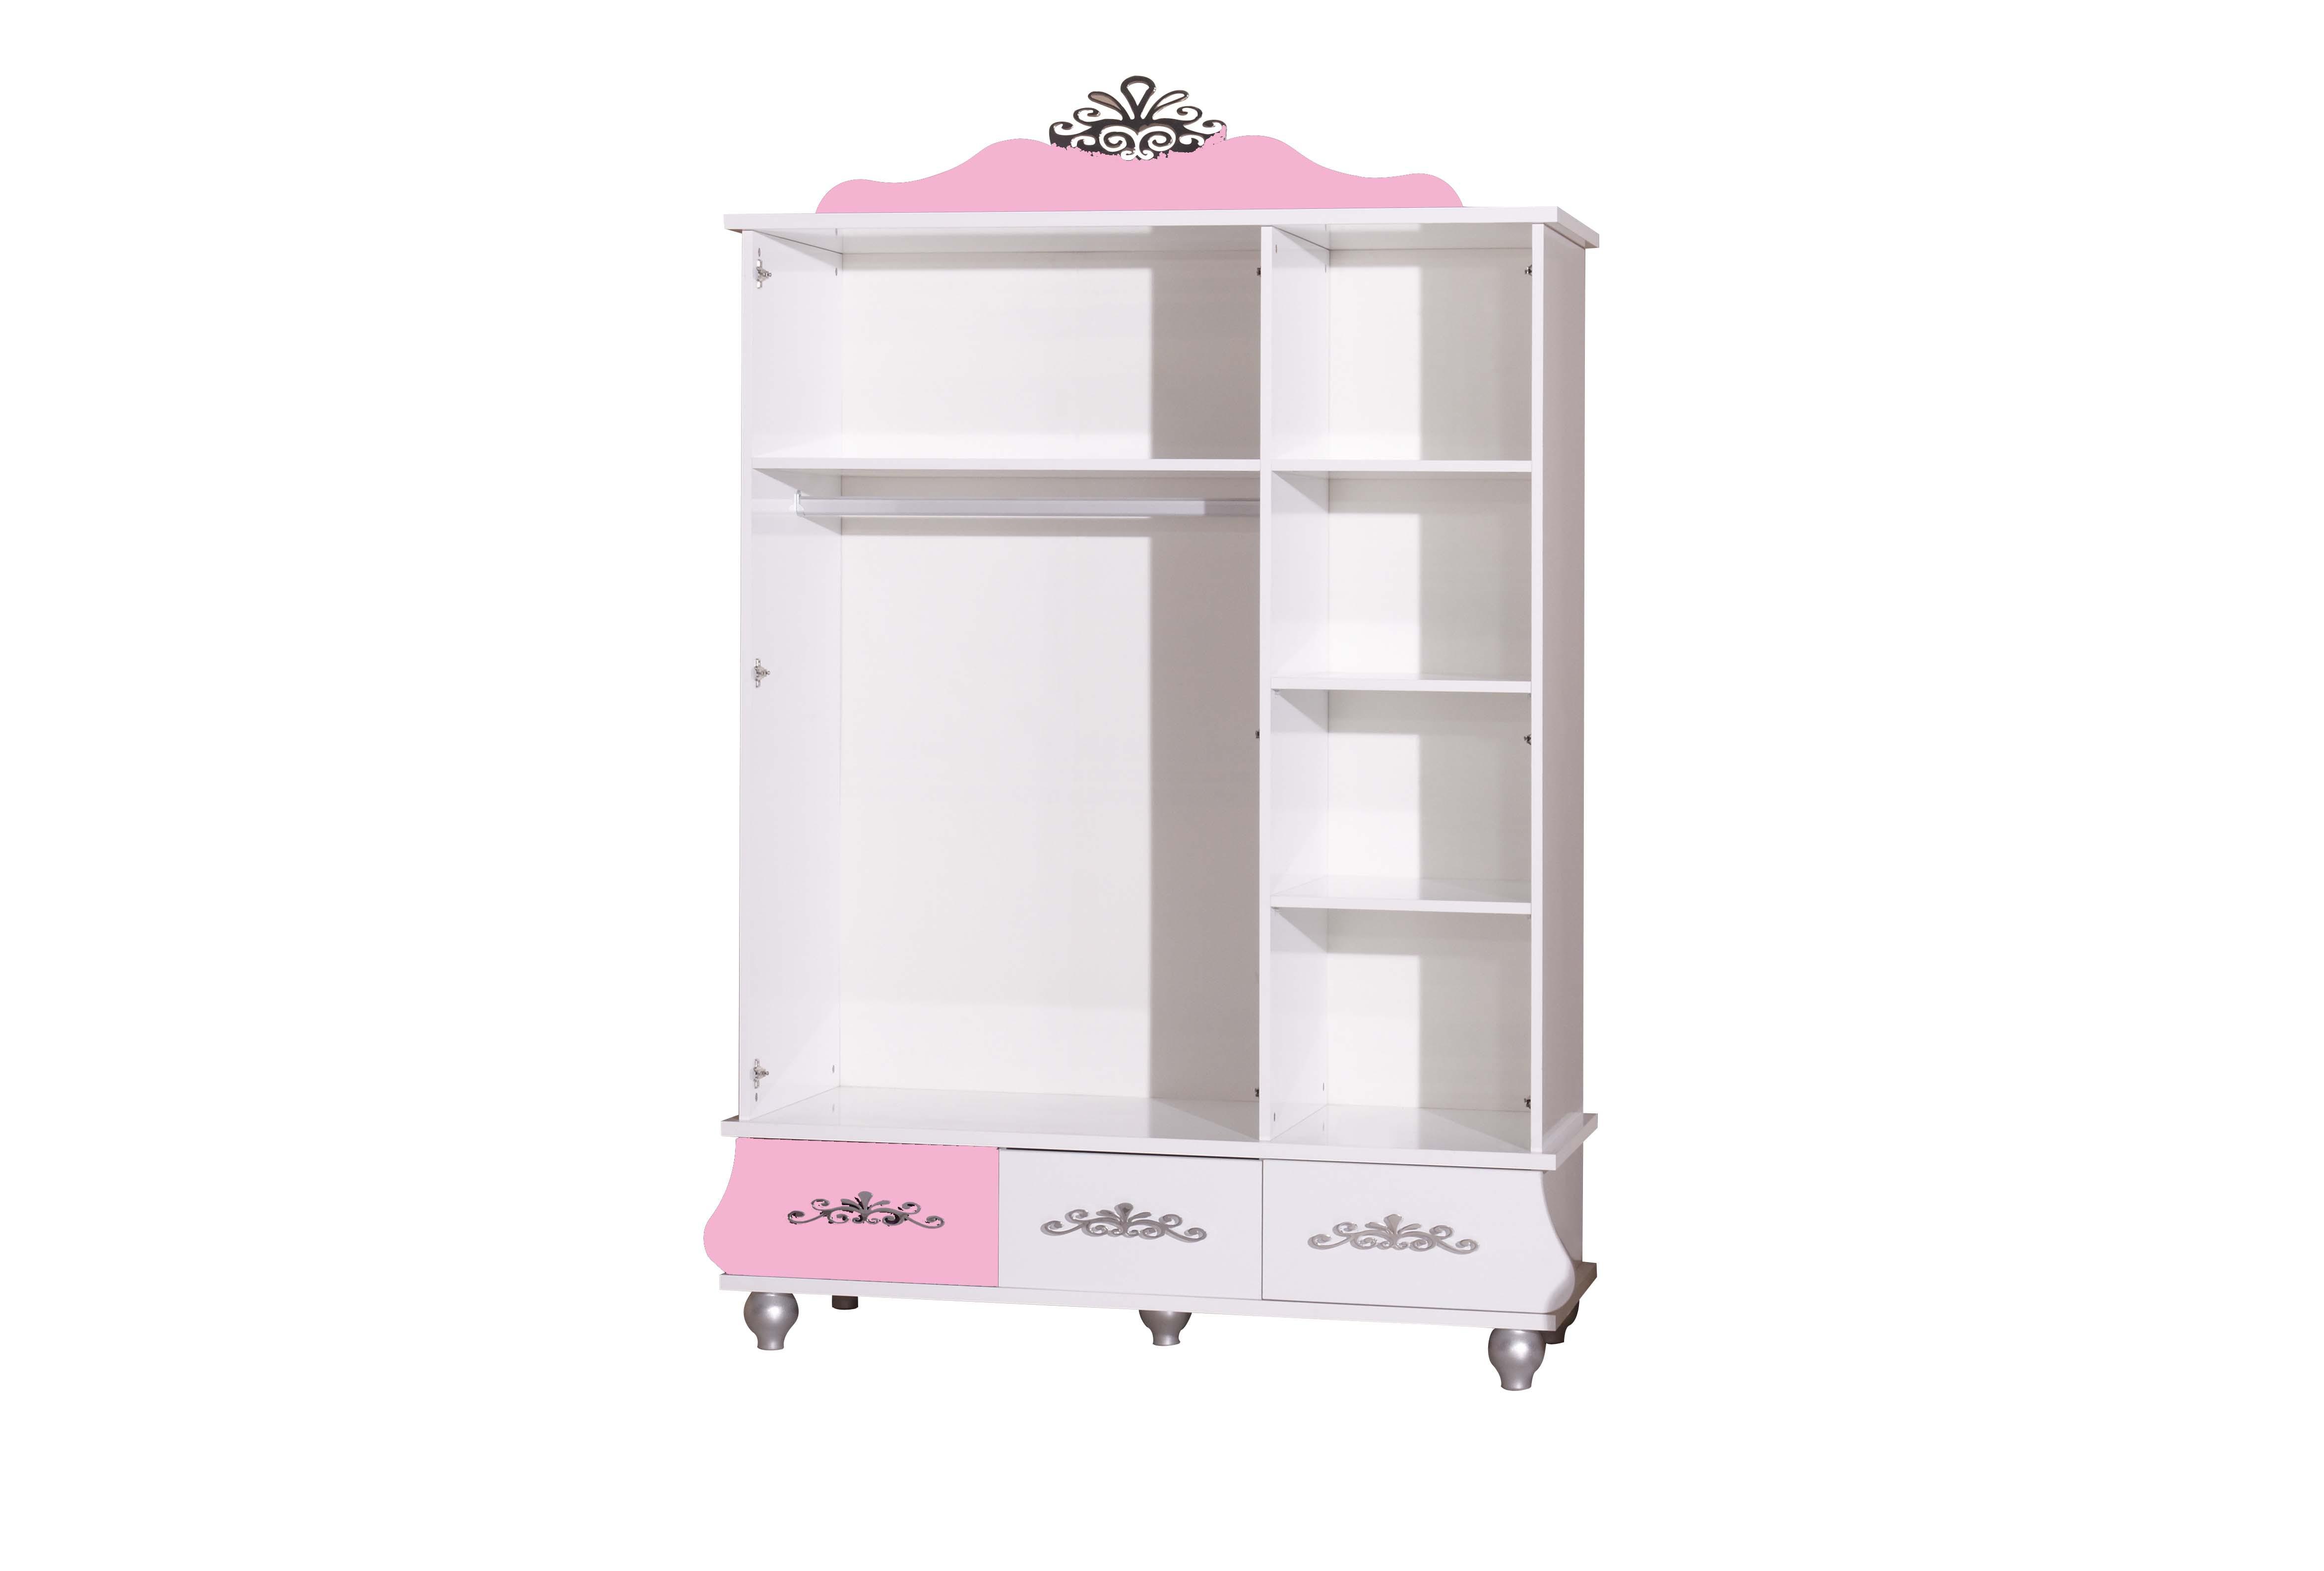 Prinses 3 deurs kledingkast roze wit koopt u bij huis en tuinwereld kinderkamer kinderbed - Roze kinderkamer ...